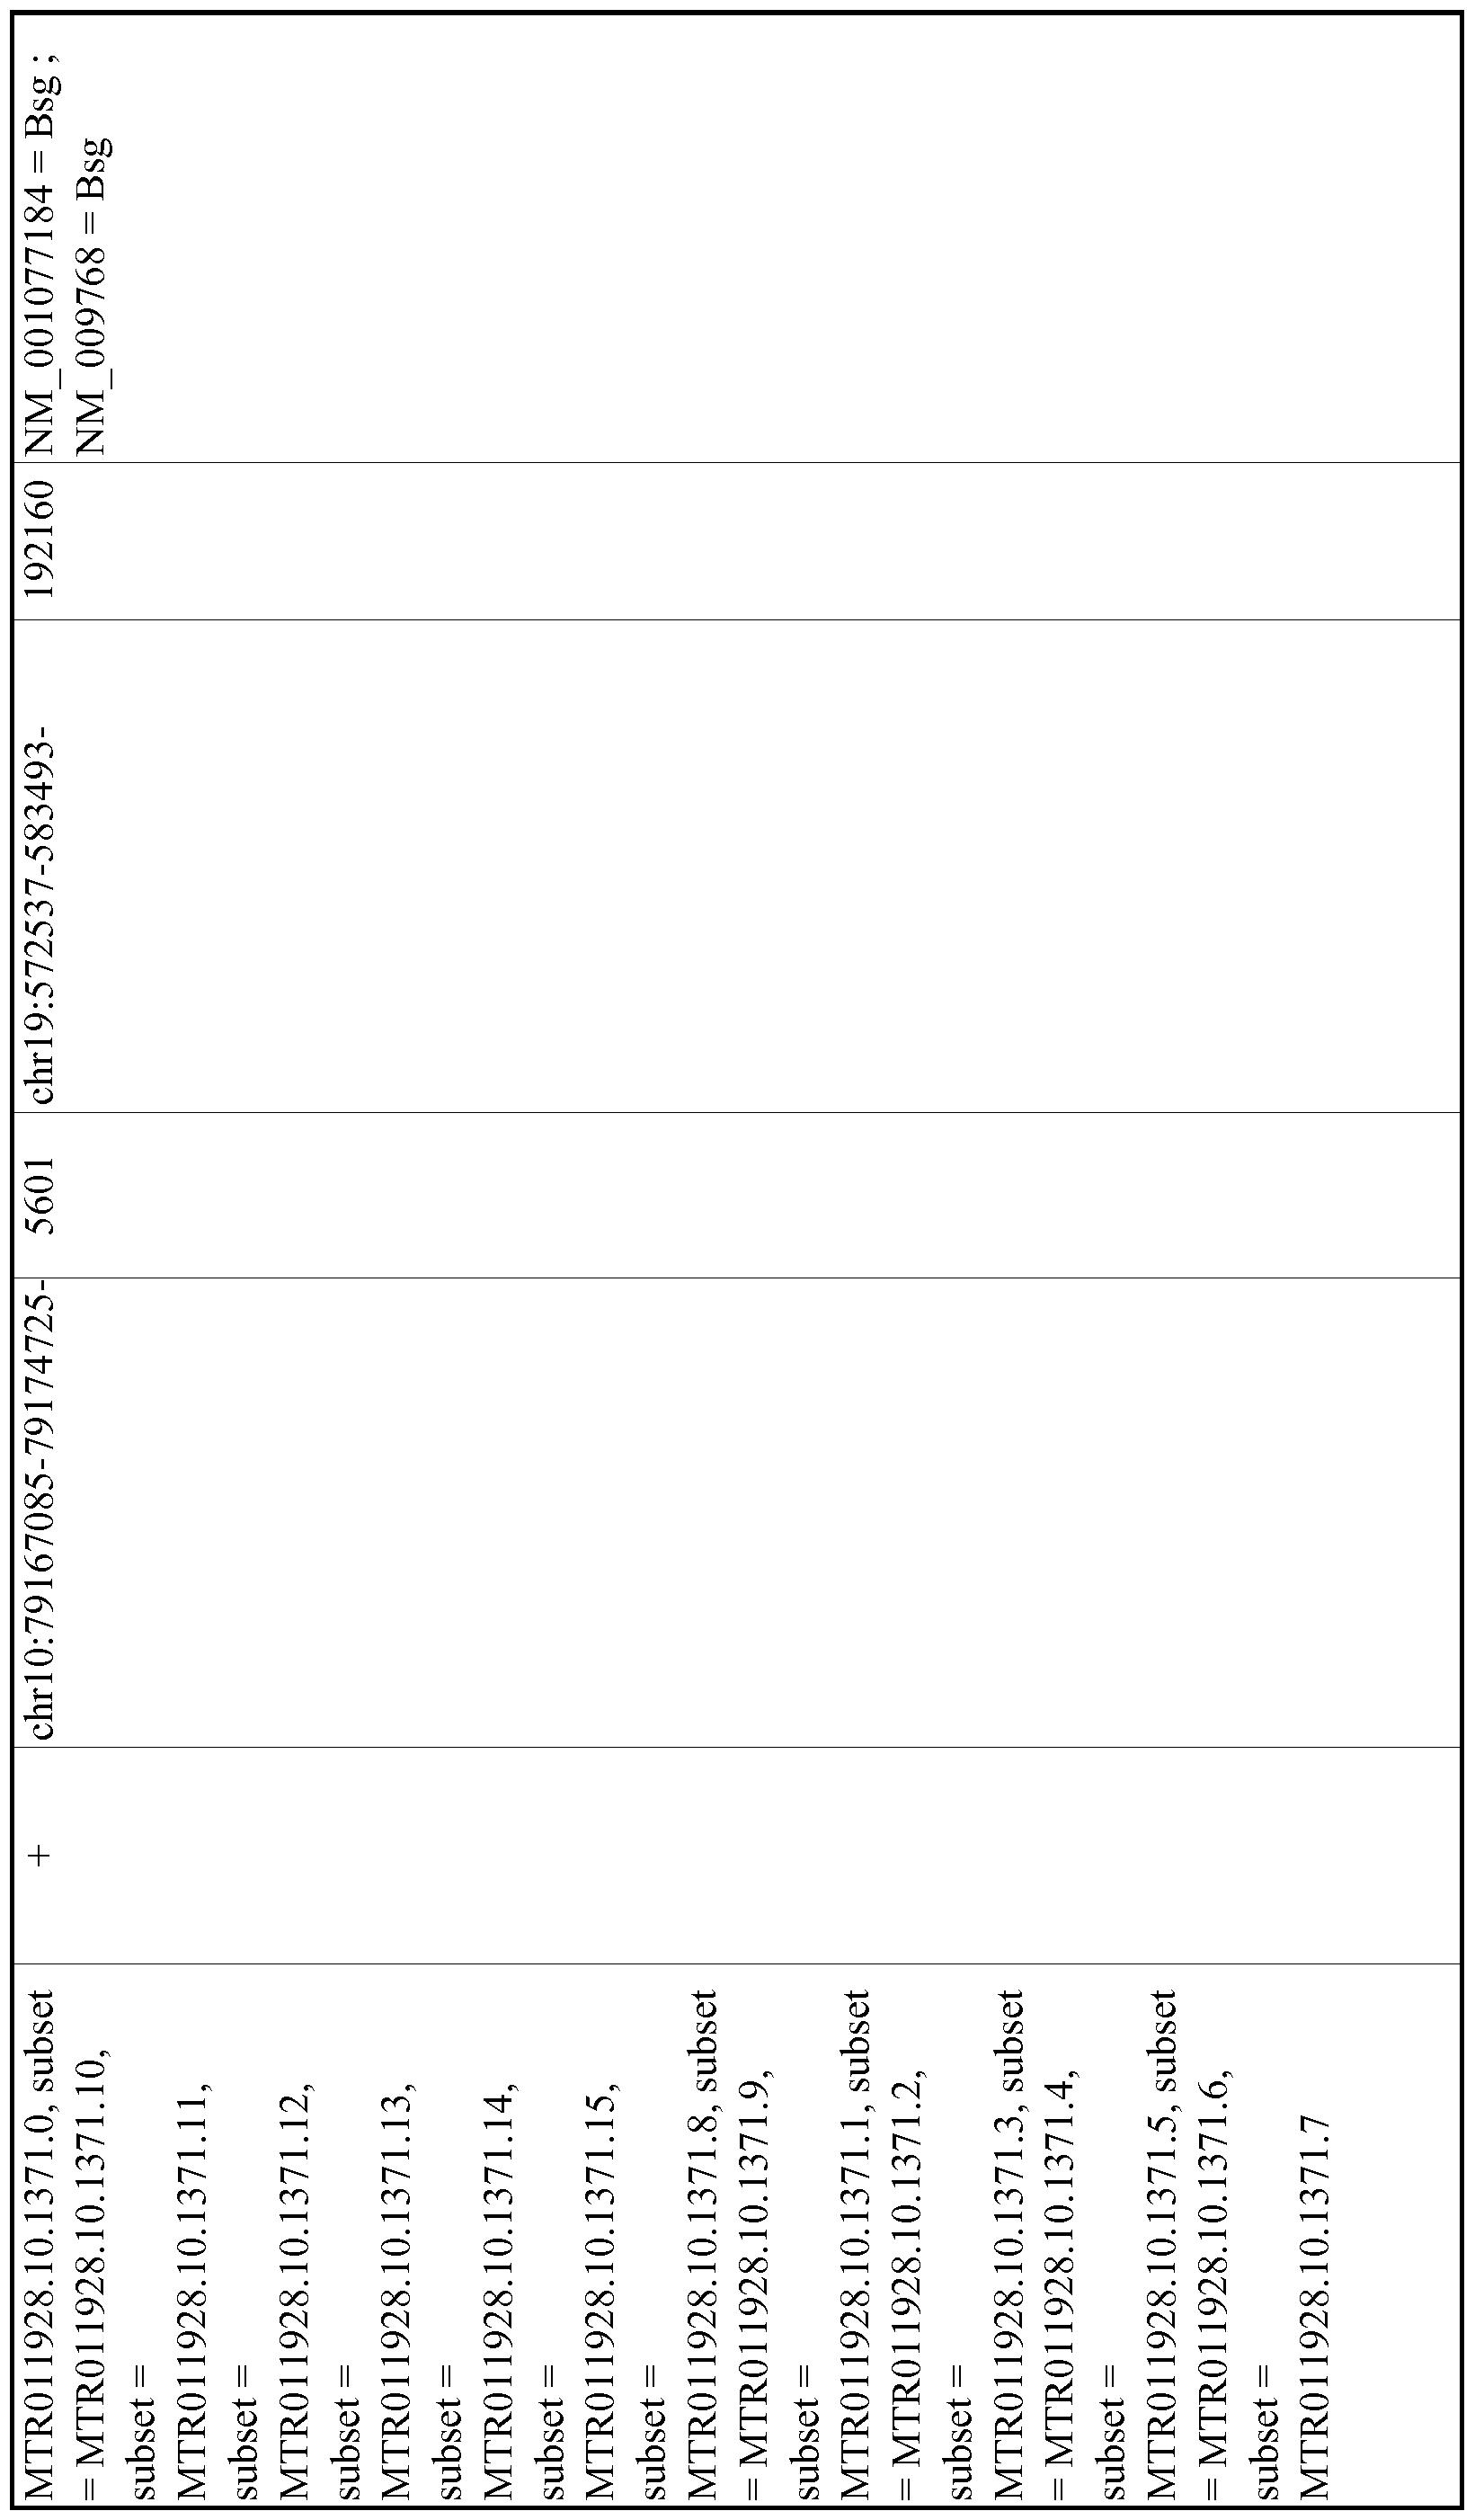 Figure imgf001007_0001